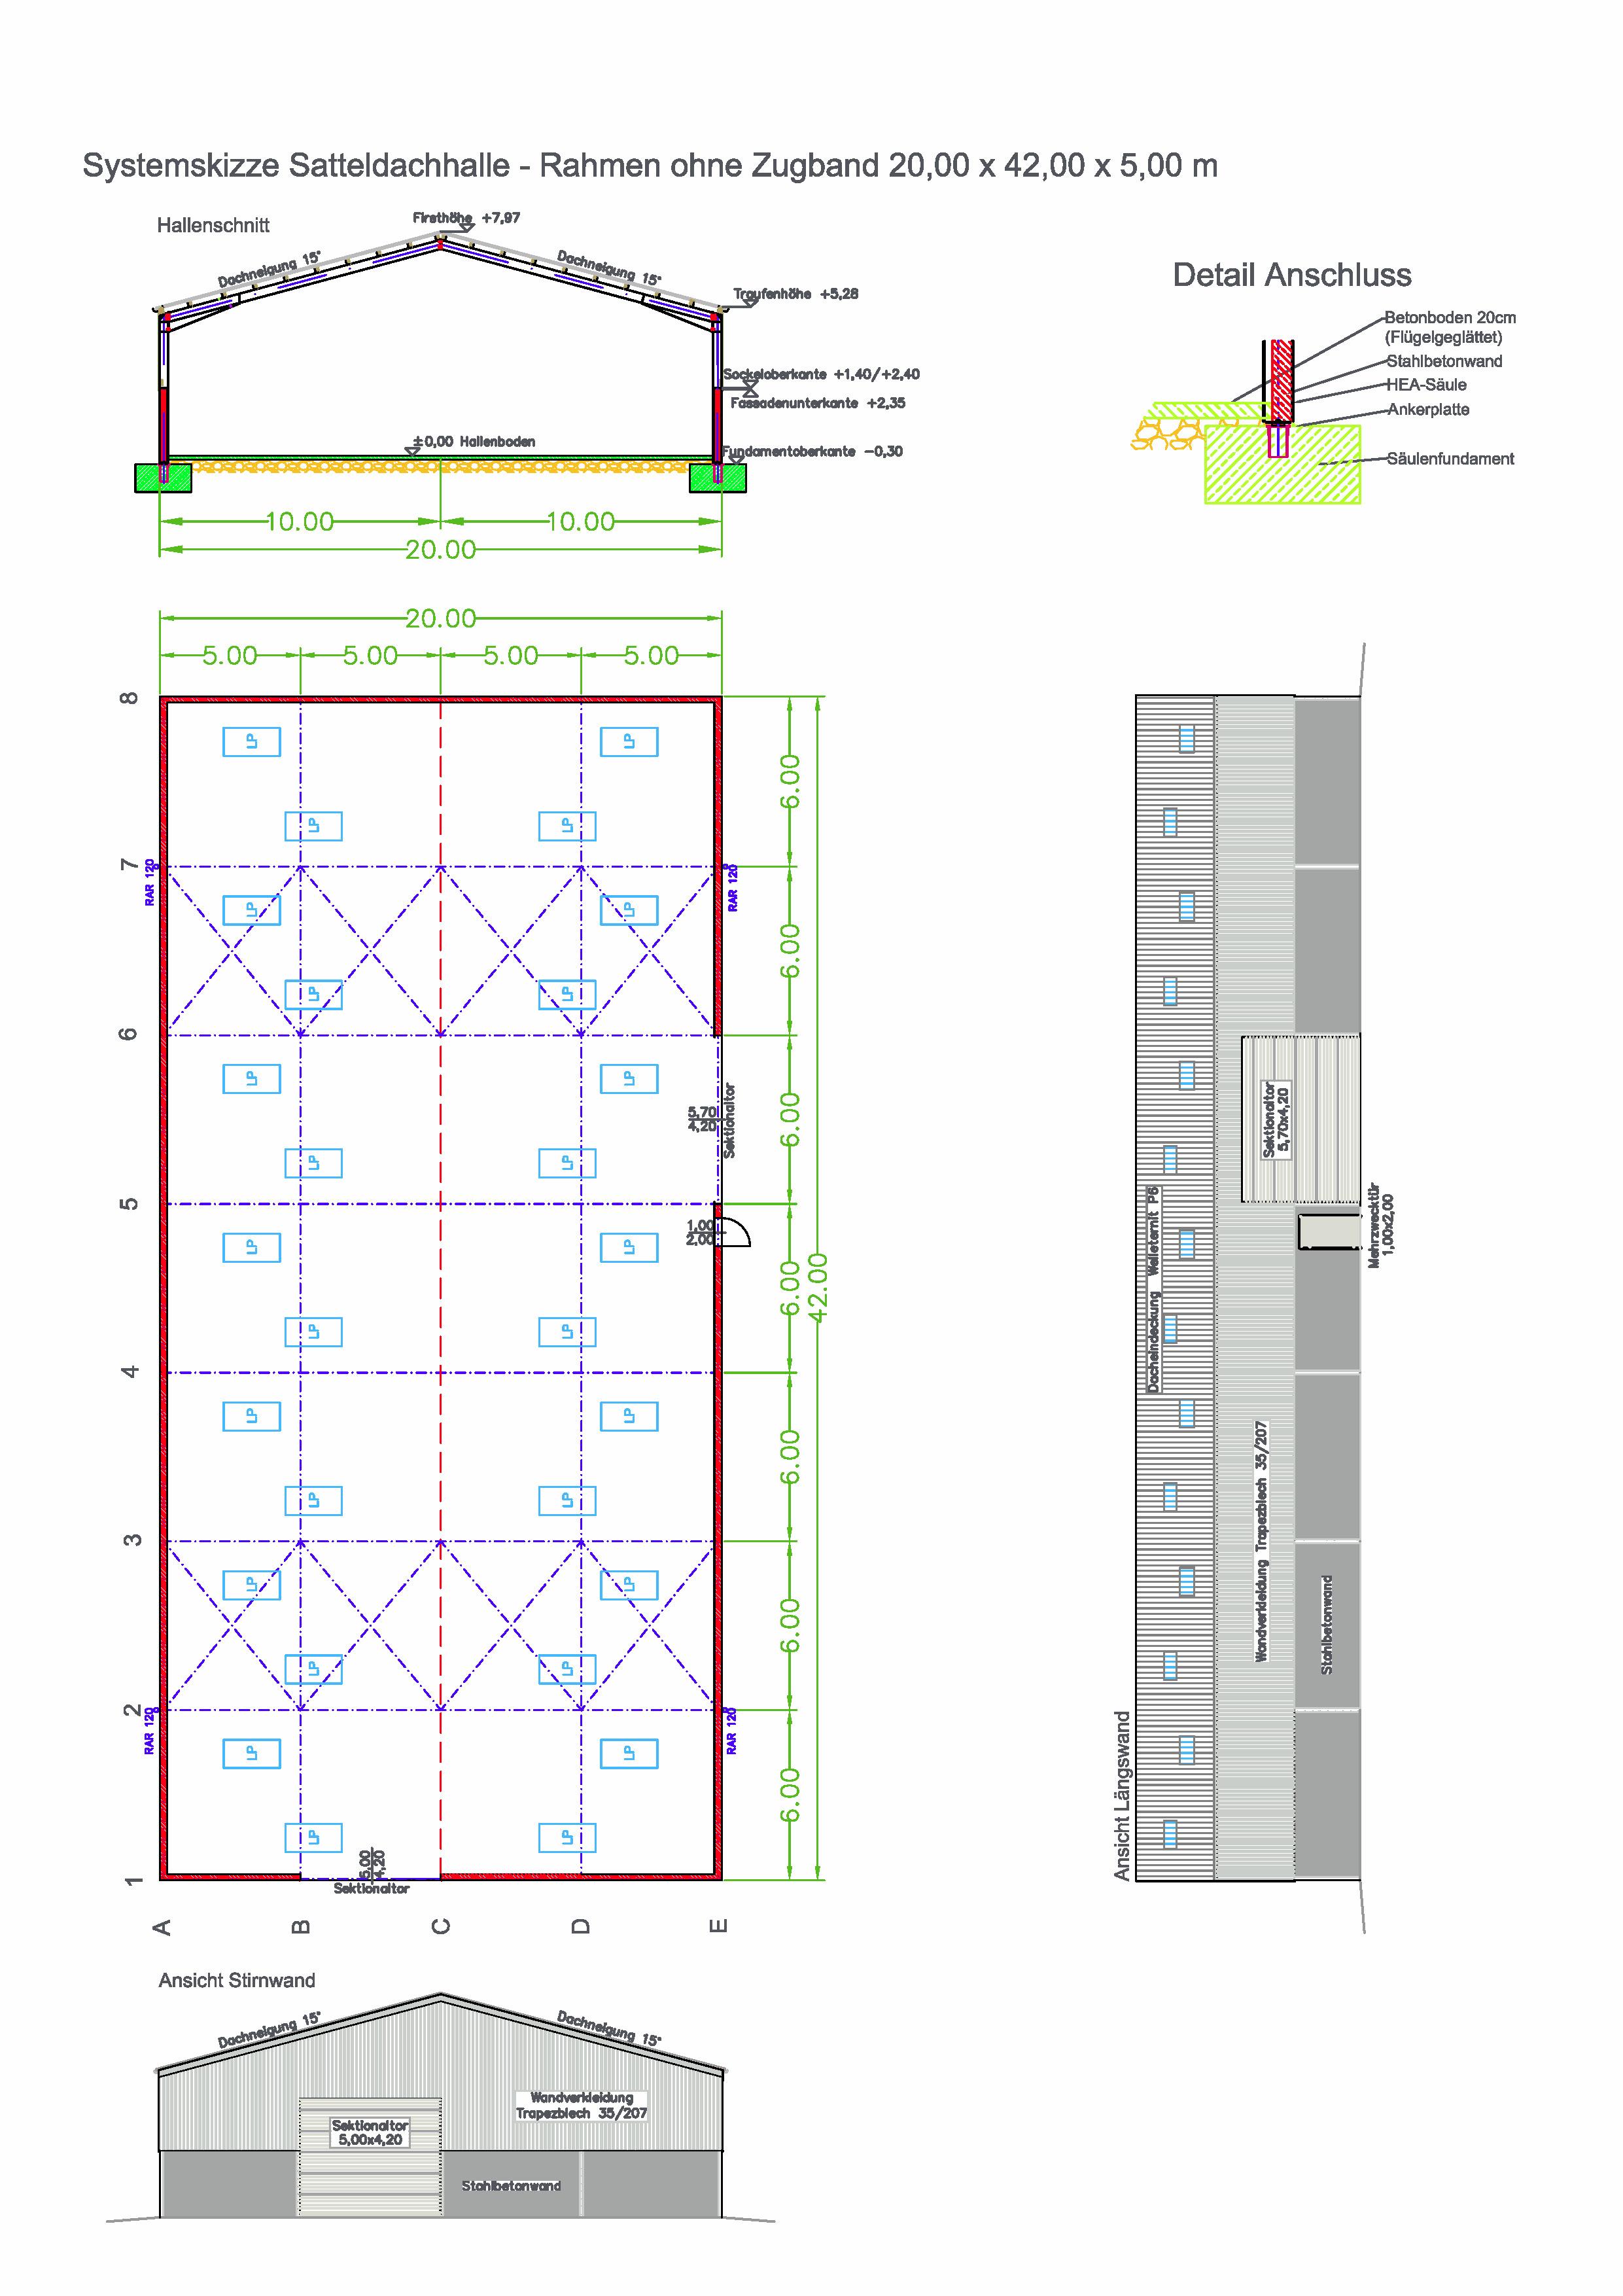 20 m Systemhalle Brantner Hallenbau